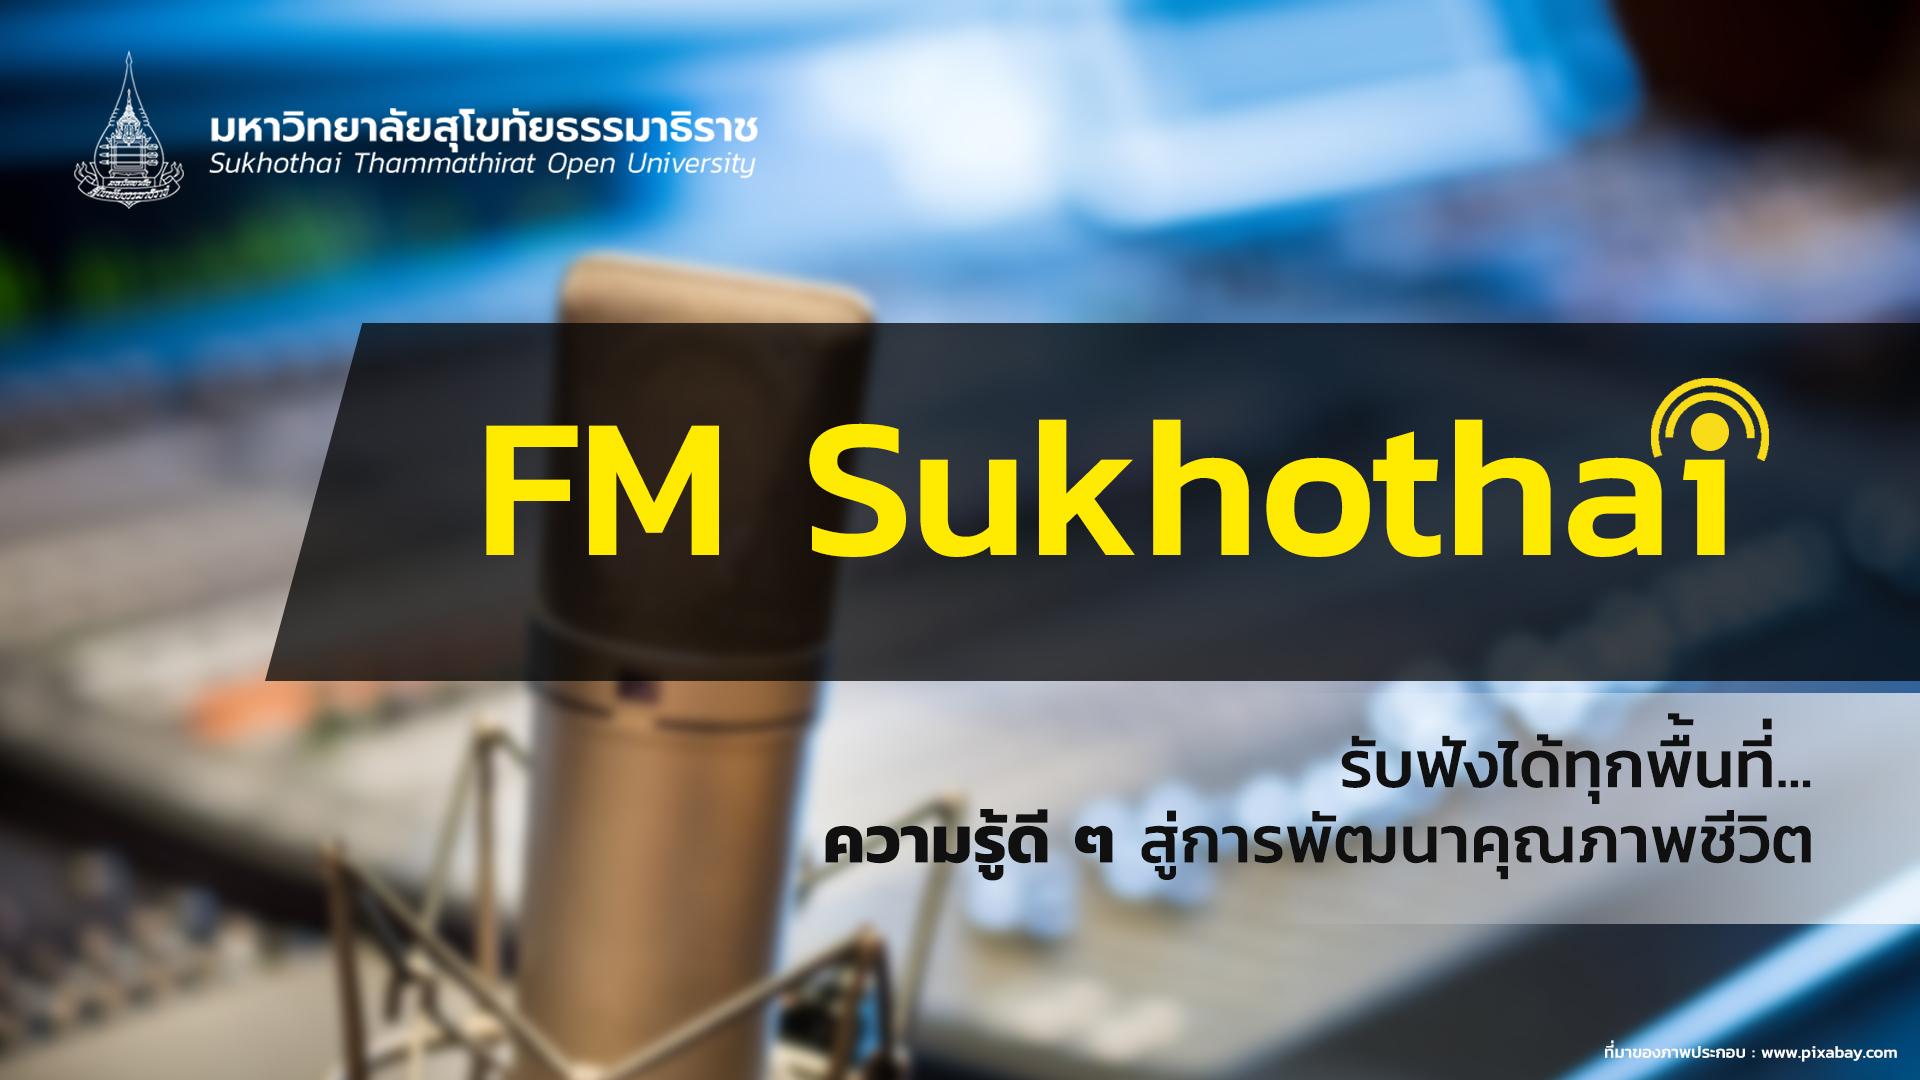 21323 การสอนกลุ่มทักษะ 1: ภาษาไทย รายการที่ 5